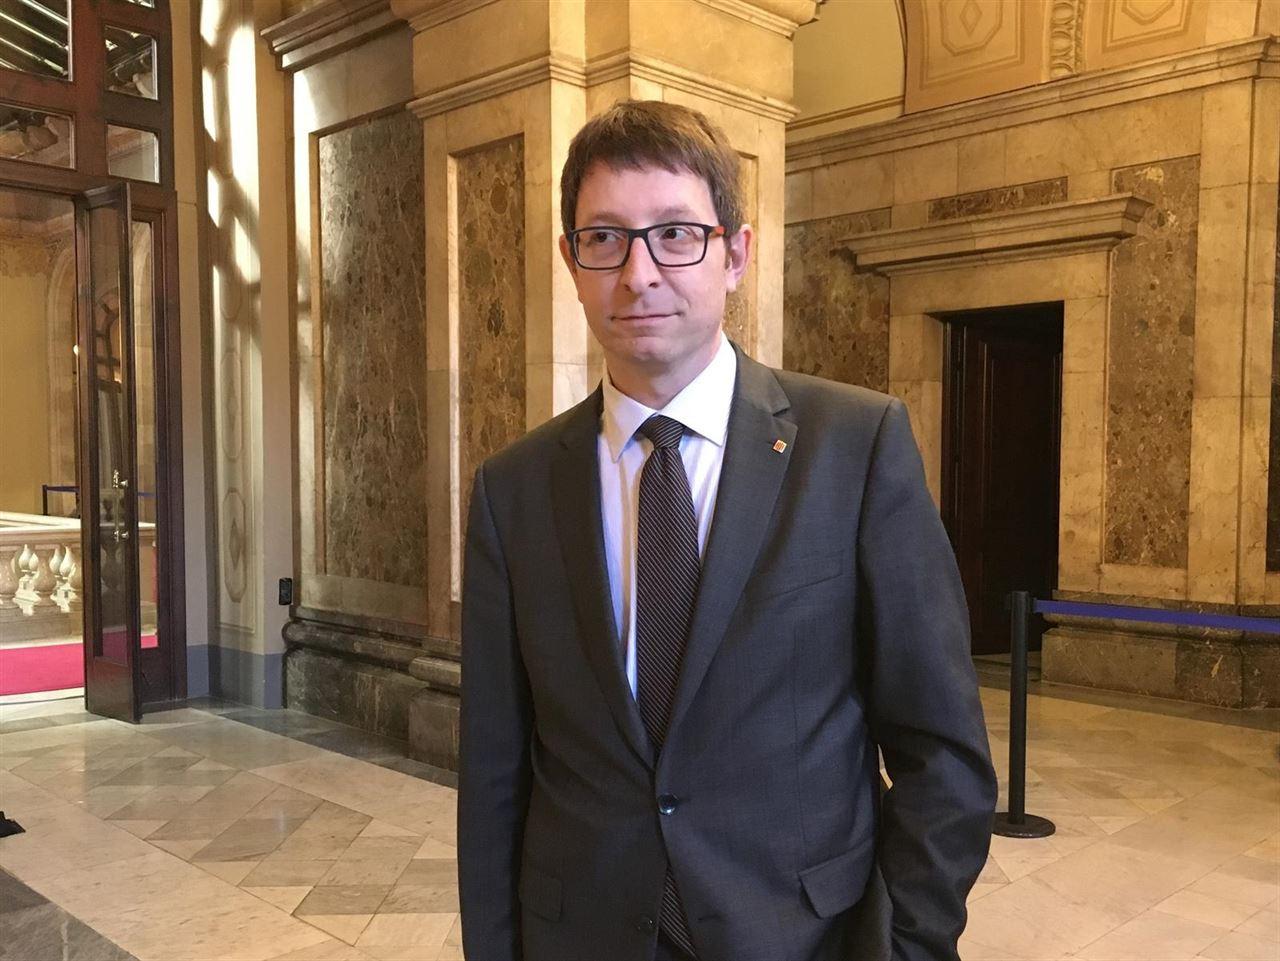 El ex conseller de Justicia de la Generalitat Carles Mundó.